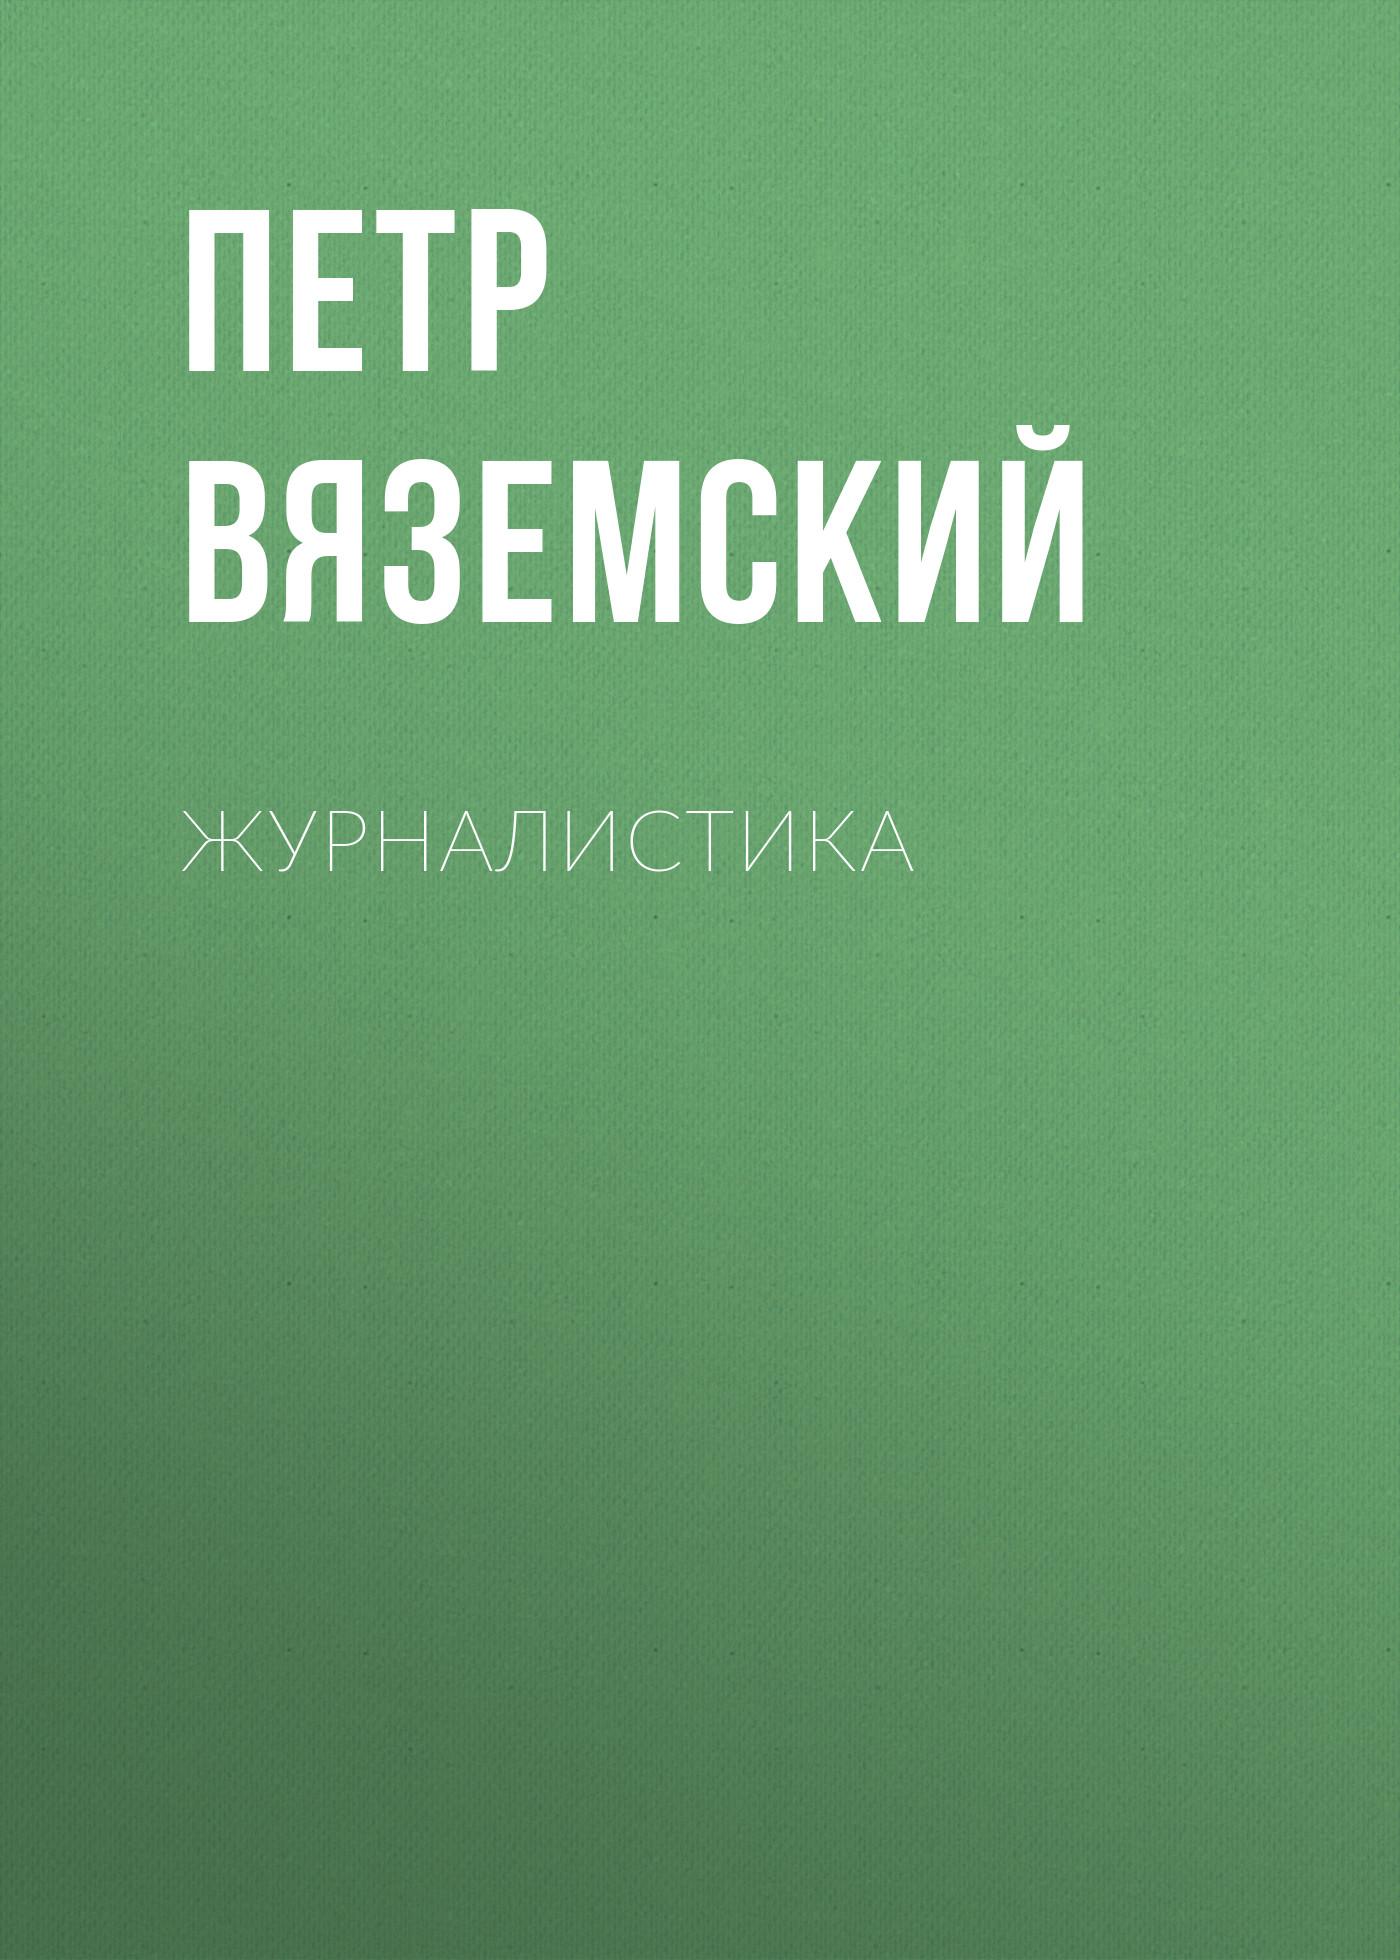 Петр Вяземский Журналистика петр вяземский за границею корректурные листы